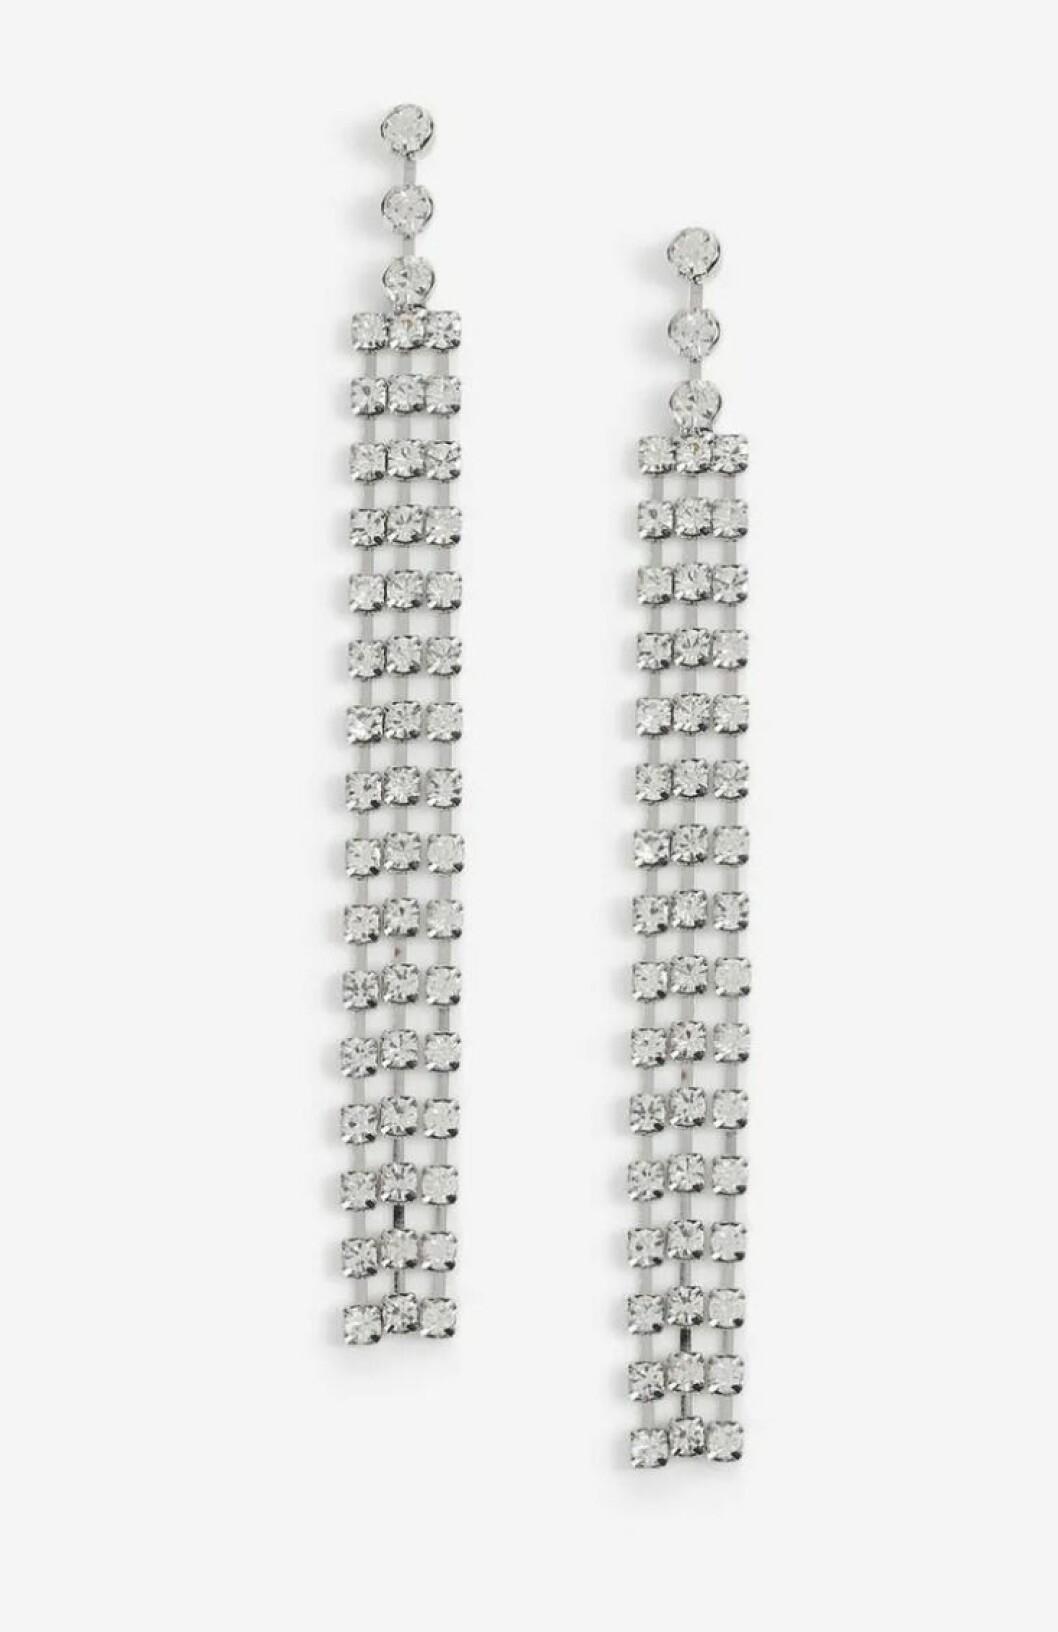 Örhängen med strass från Gina tricot